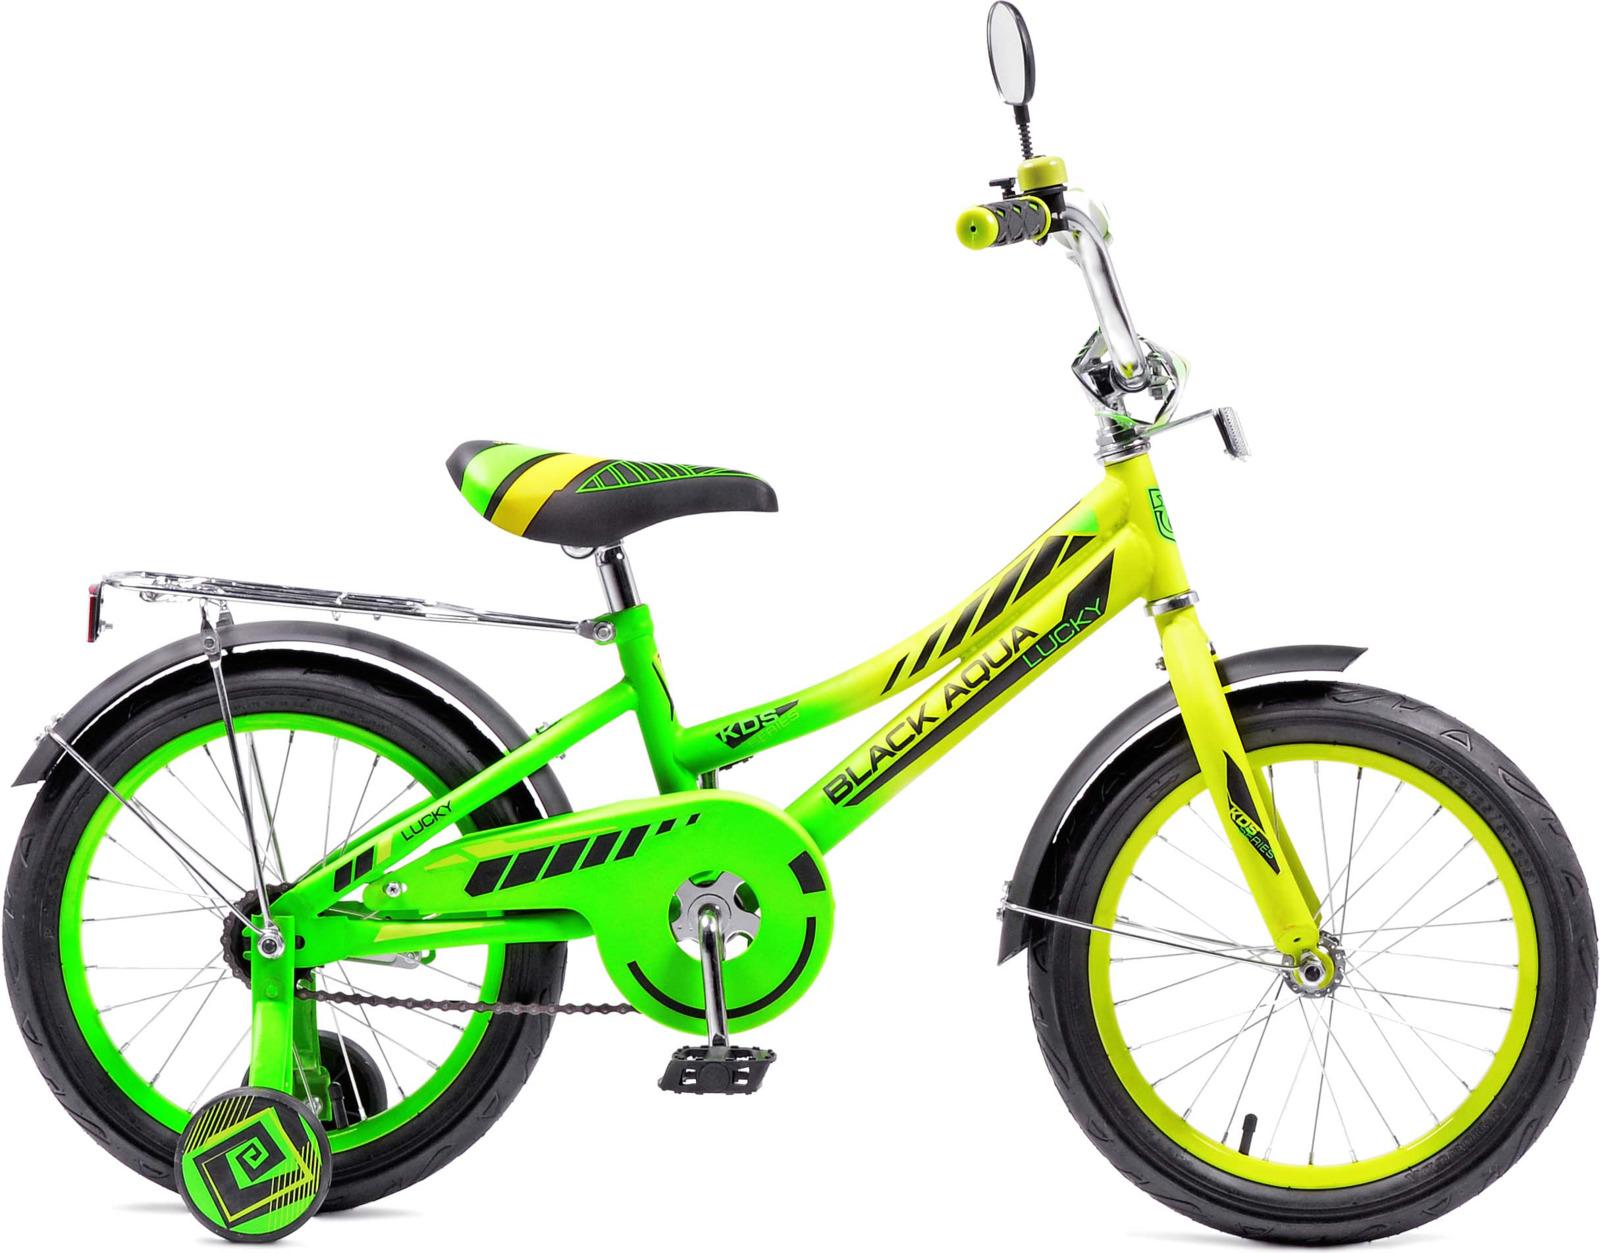 Велосипед детский Black Aqua Lucky, KG1218, с ручкой, колесо 12, лимонный, салатовыйKG1218Велосипед с прочной стальной рамой, колесами размером 12 дюймов. В комплектацию входит: багажник, звонок, крылья. На моделях с колесами 12 и 14 дюймов установлена ручка-толкатель. Велосипед оснащен боковыми колесам для устойчивого положения велосипеда. Установлена защита цепи, что бы ребенок при движении не травмировал ногу. Рекомендуем!